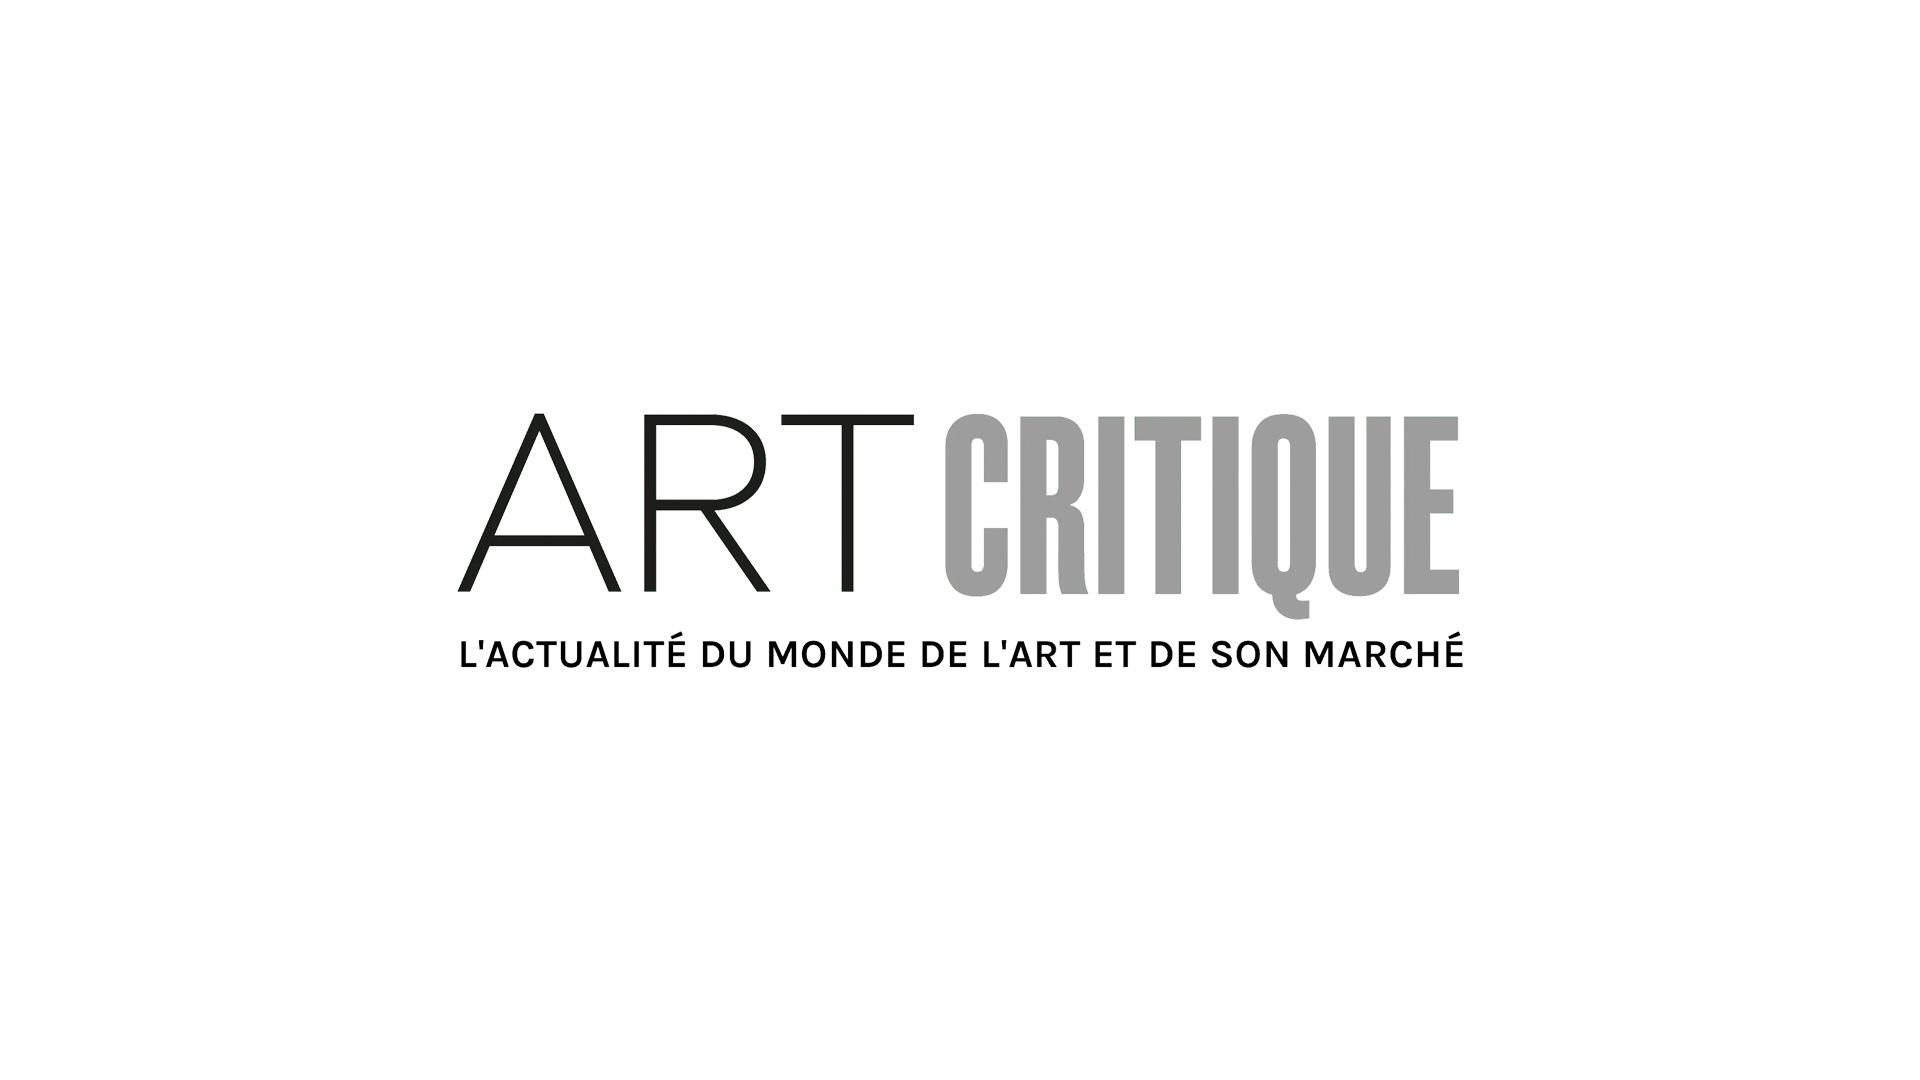 Colbert et Le Brun, artisans des Manufactures de la Couronne à la Galerie des Gobelins